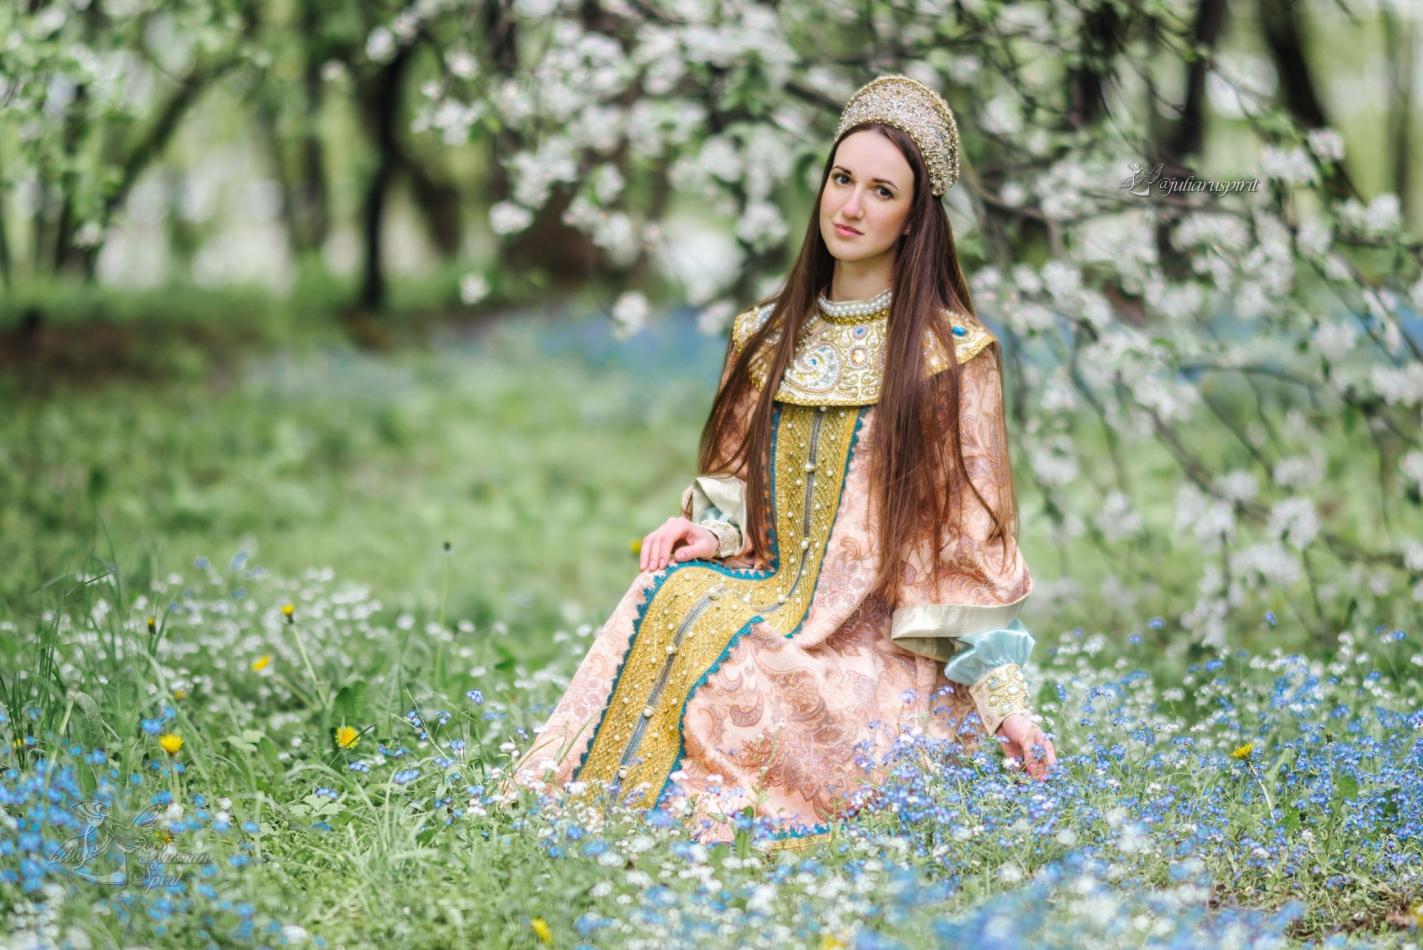 девушка в цветущем саду в костюме царевны